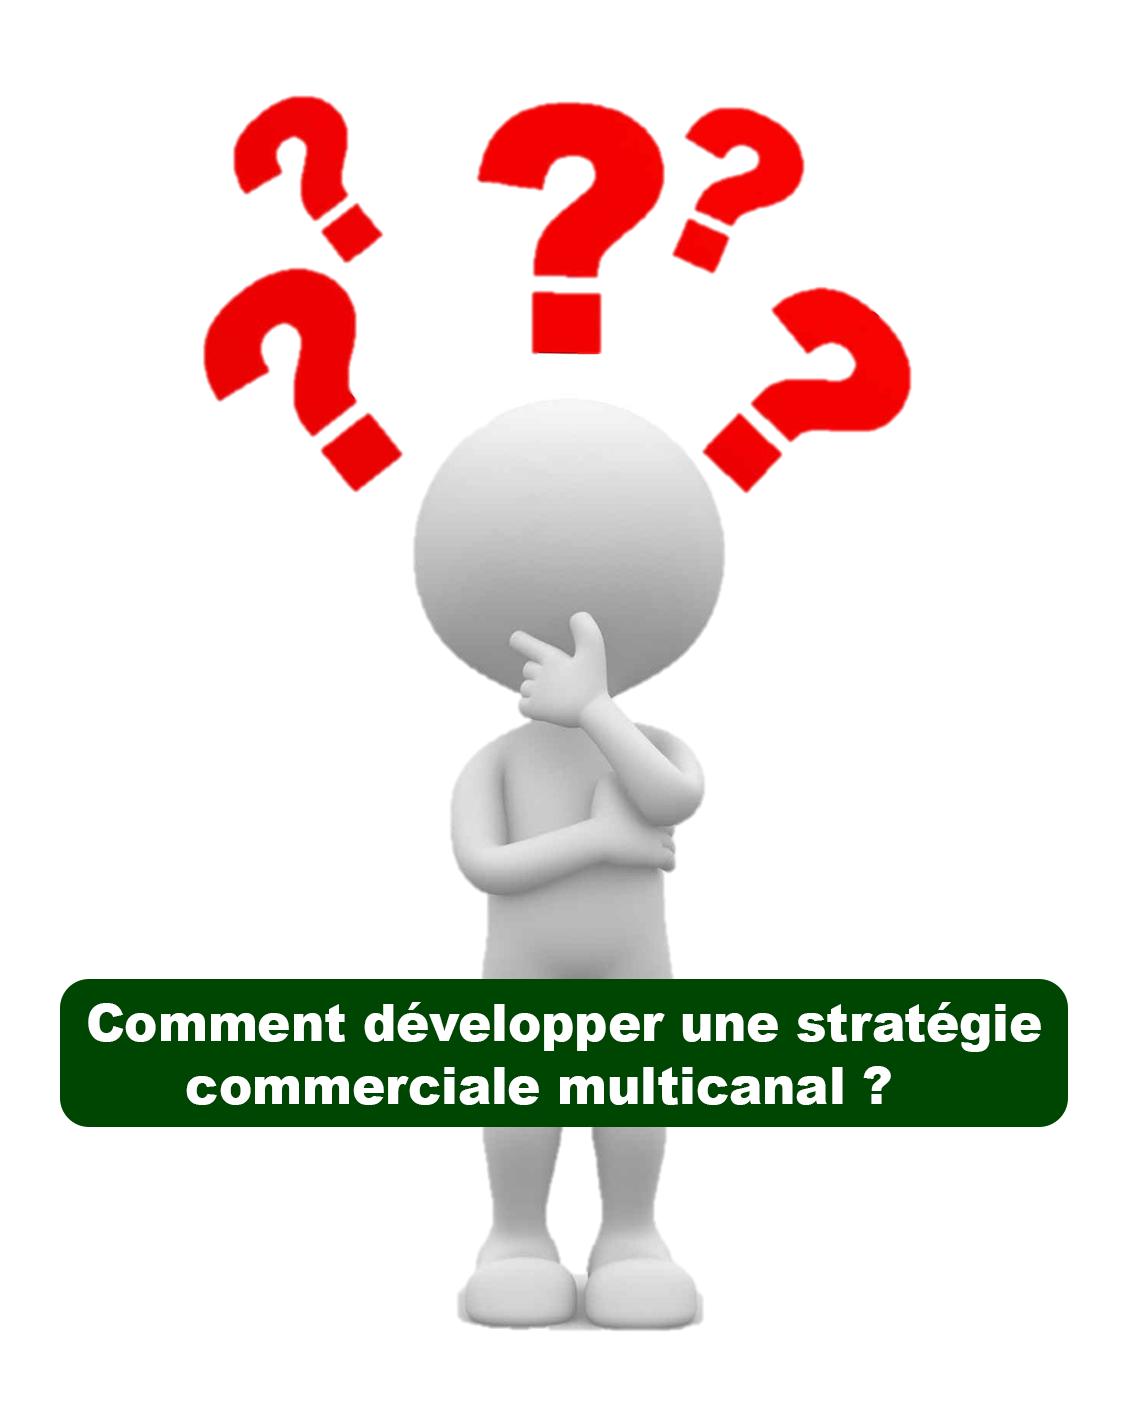 Comment développer une stratégie commerciale multicanal ?